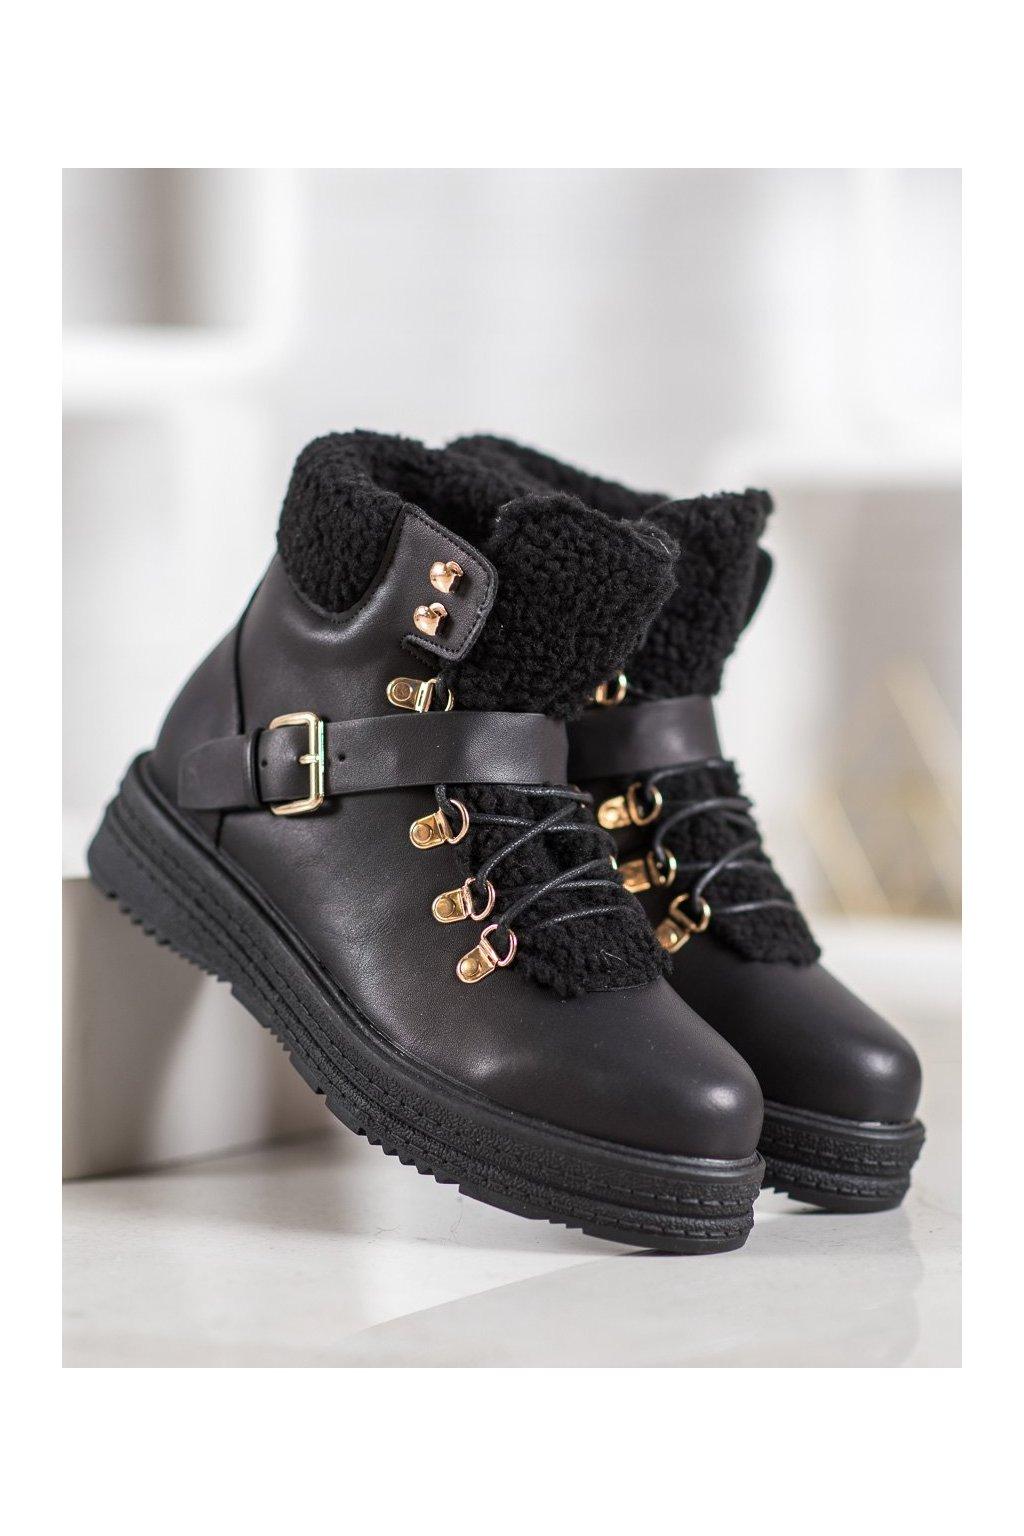 Čierne dámske topánky Vices kod 8317-1B